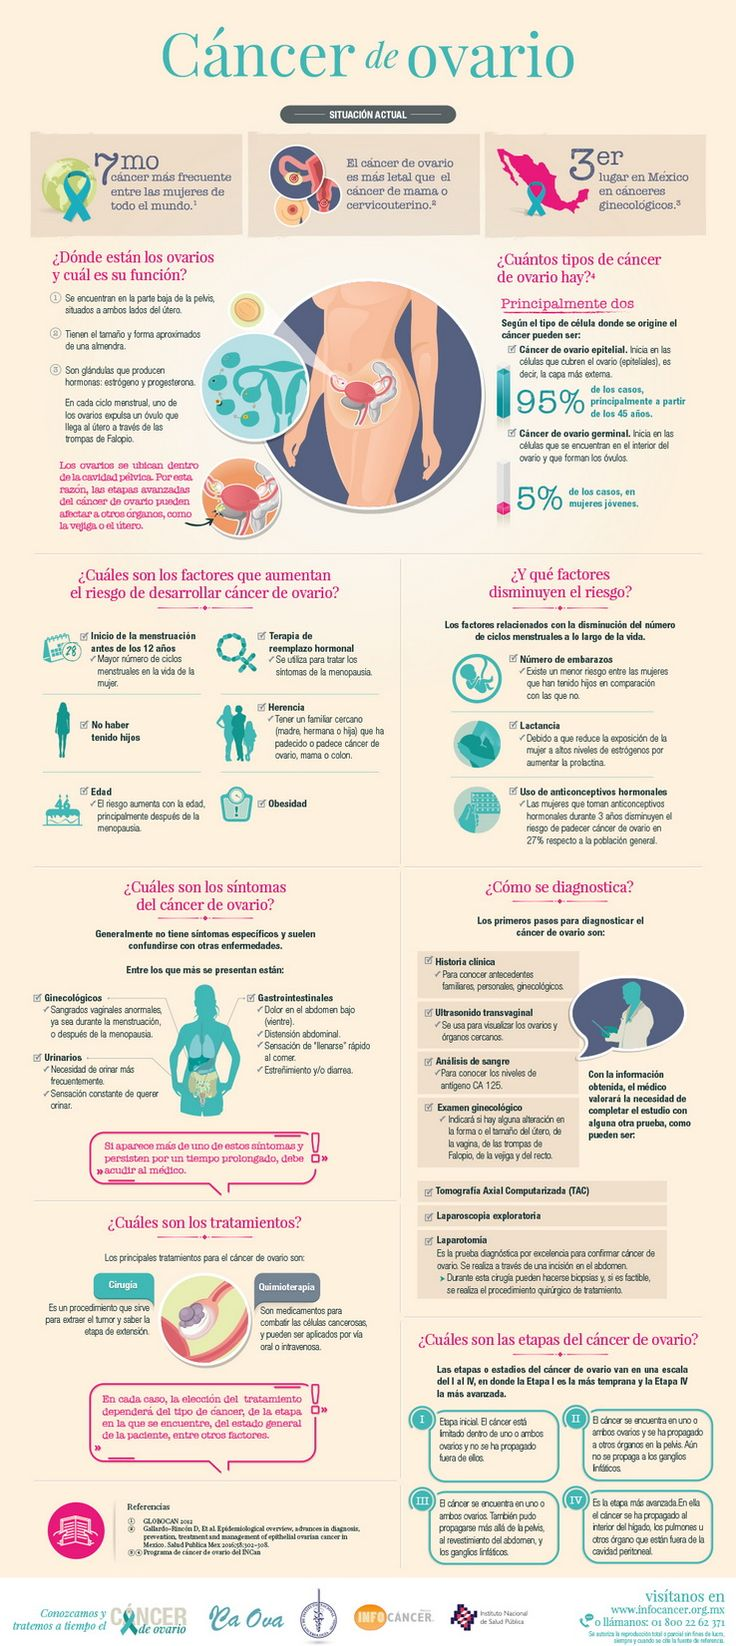 Mi pequeños aportes: Infografía sobre el cancer de ovario  Aquí les dejo una infografía sobre el cáncer de ovario #Salud #Infografia #Health